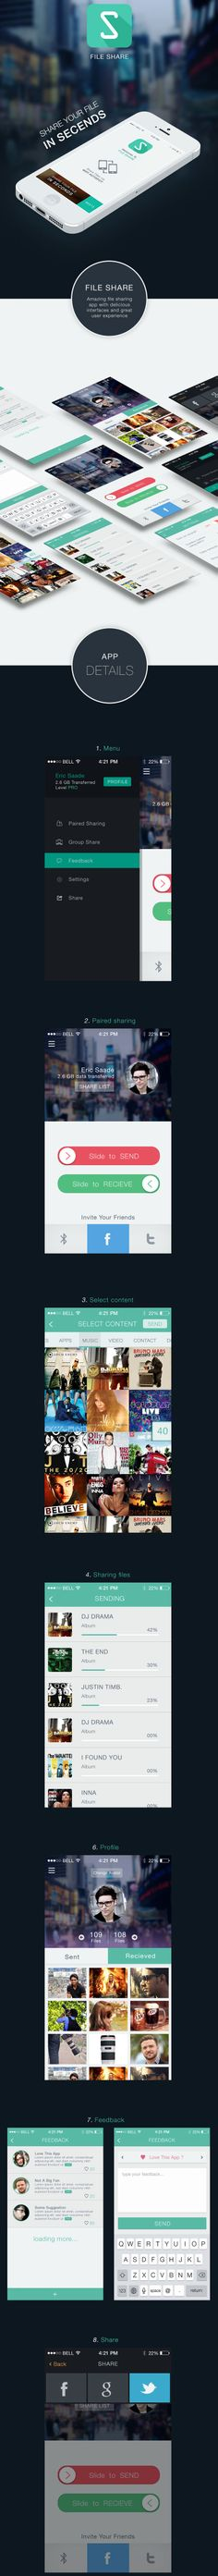 Daily Mobile UI Design Inspiration #282